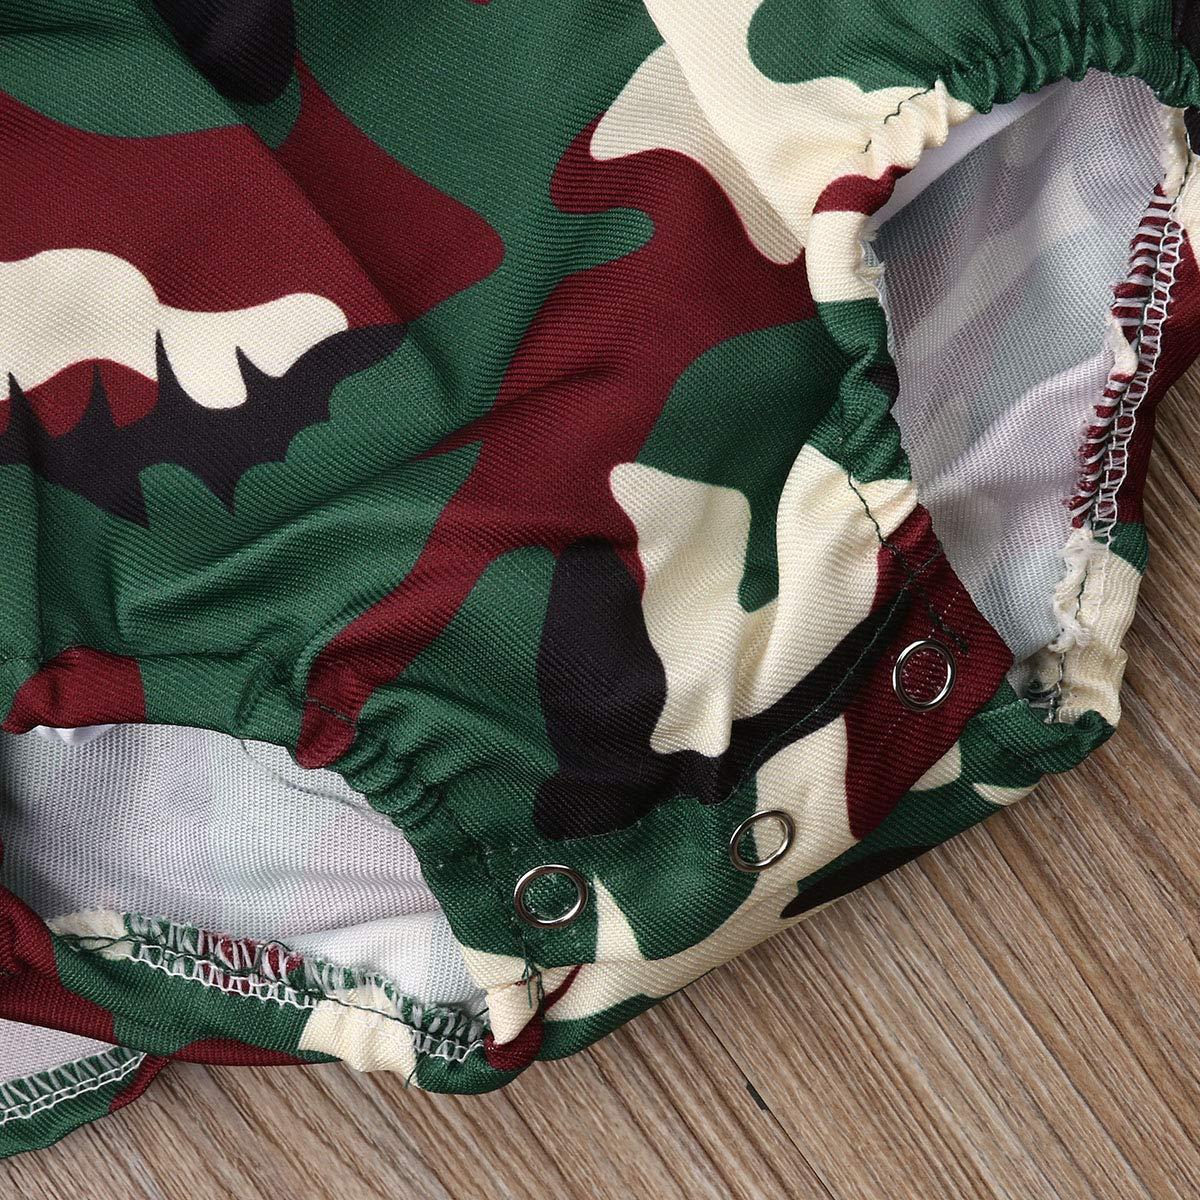 Maglia a Maniche Lunghe Vestito Mimetico da neonata GWJGOGOGOGOGOGOGO Gonna Camouflage Vestiti abbinati per Sorelle